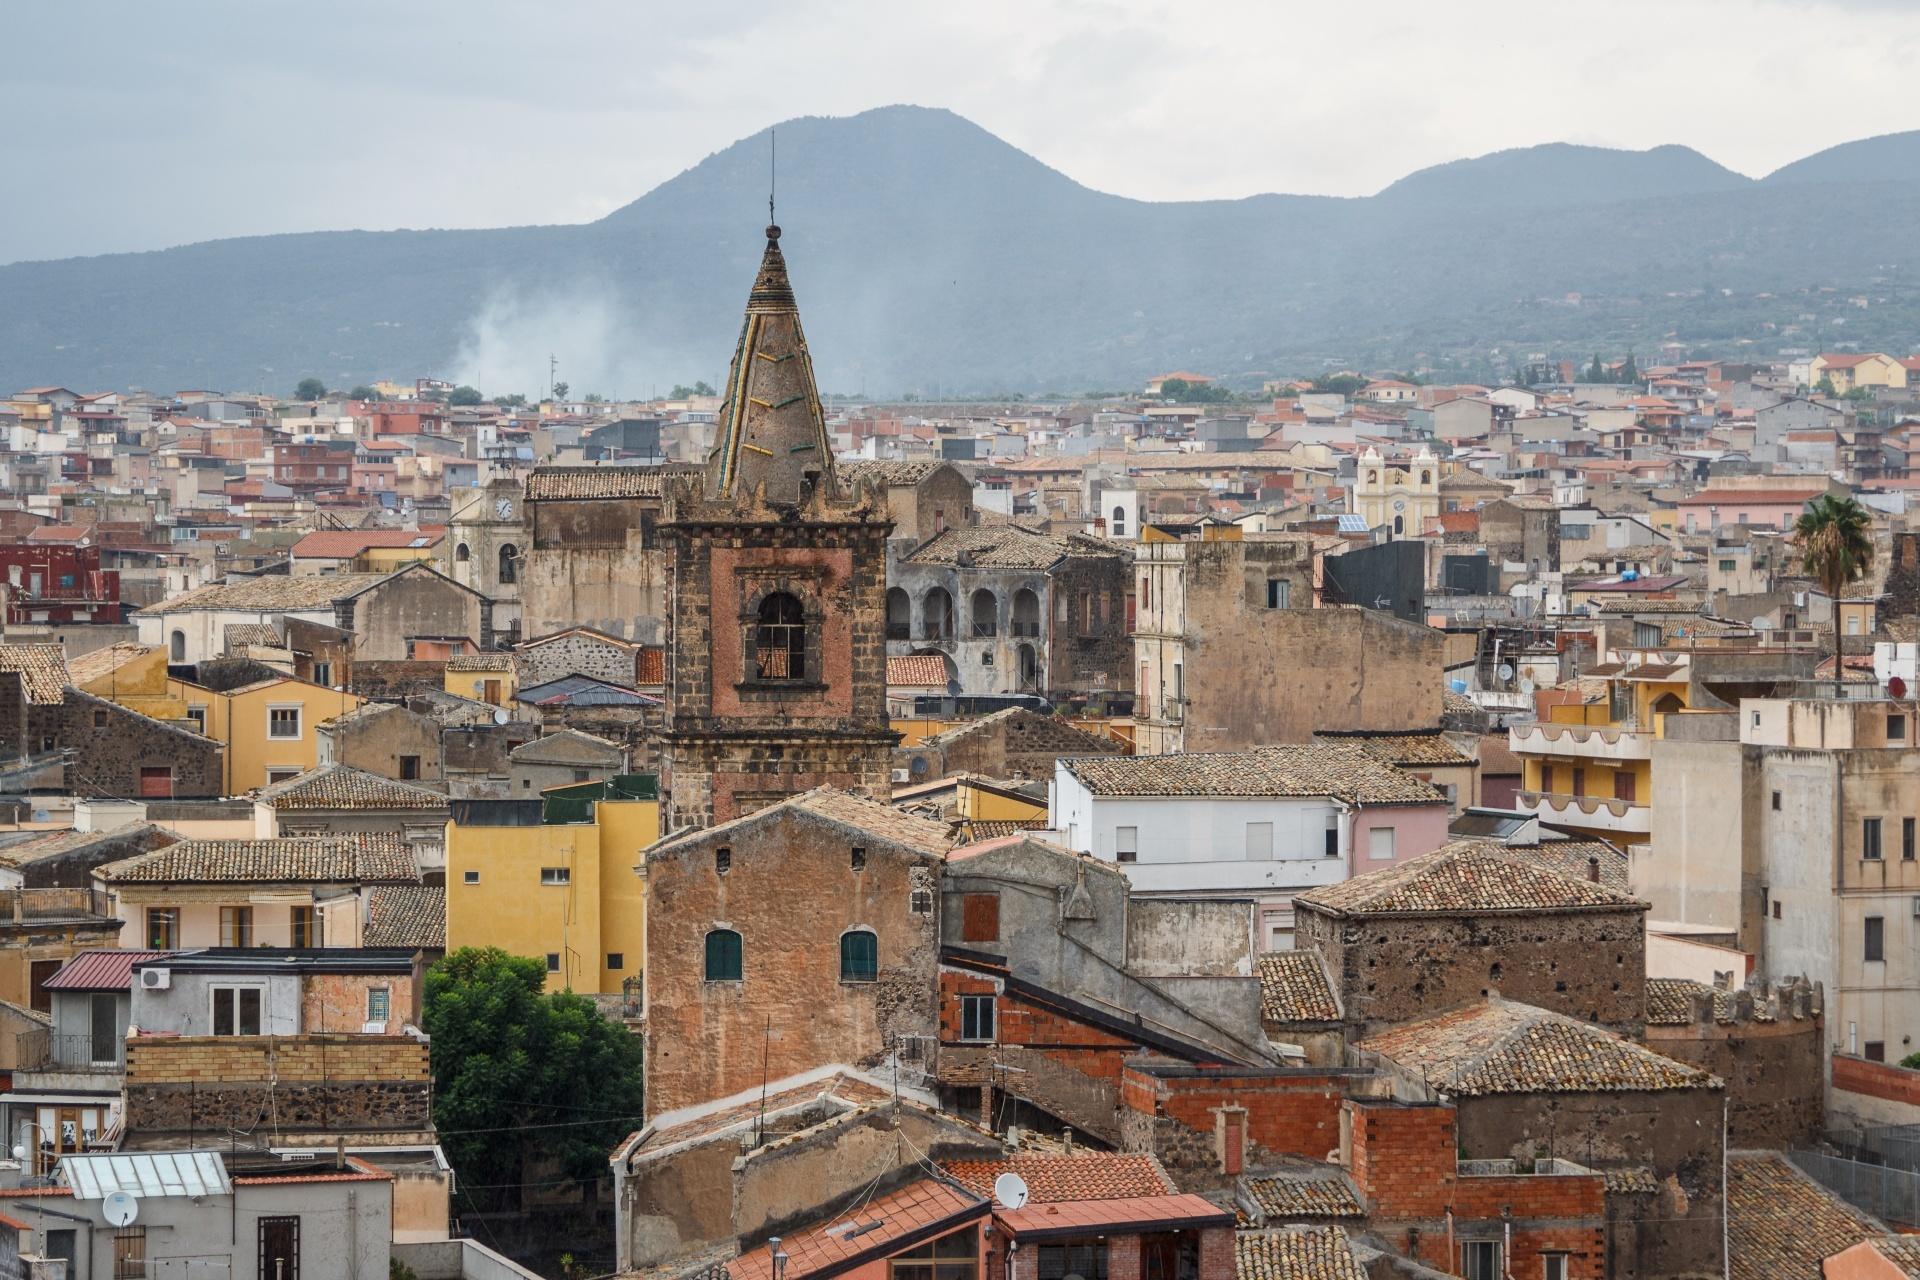 シチリア島 アドラーノの旧市街の眺め イタリアの風景